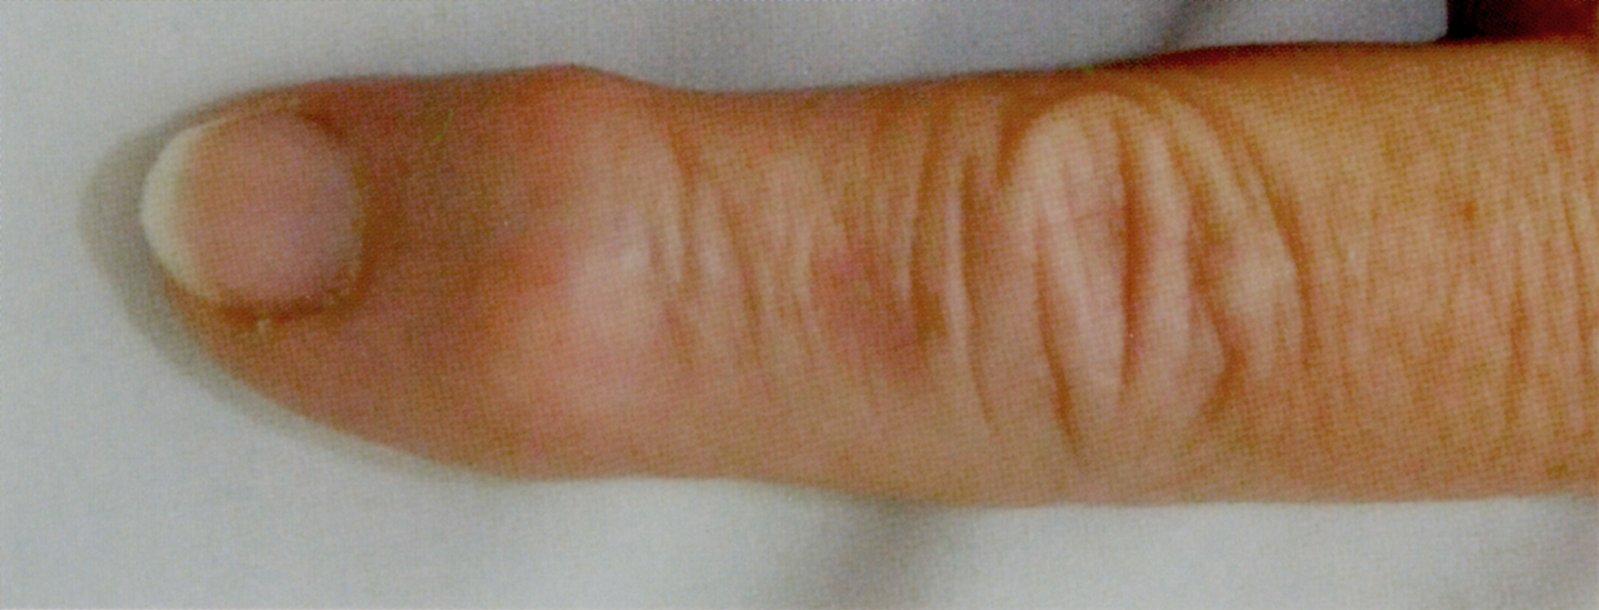 mi okozta a bokaízület fájdalmát az ízületek nyújtása, mint kezelni